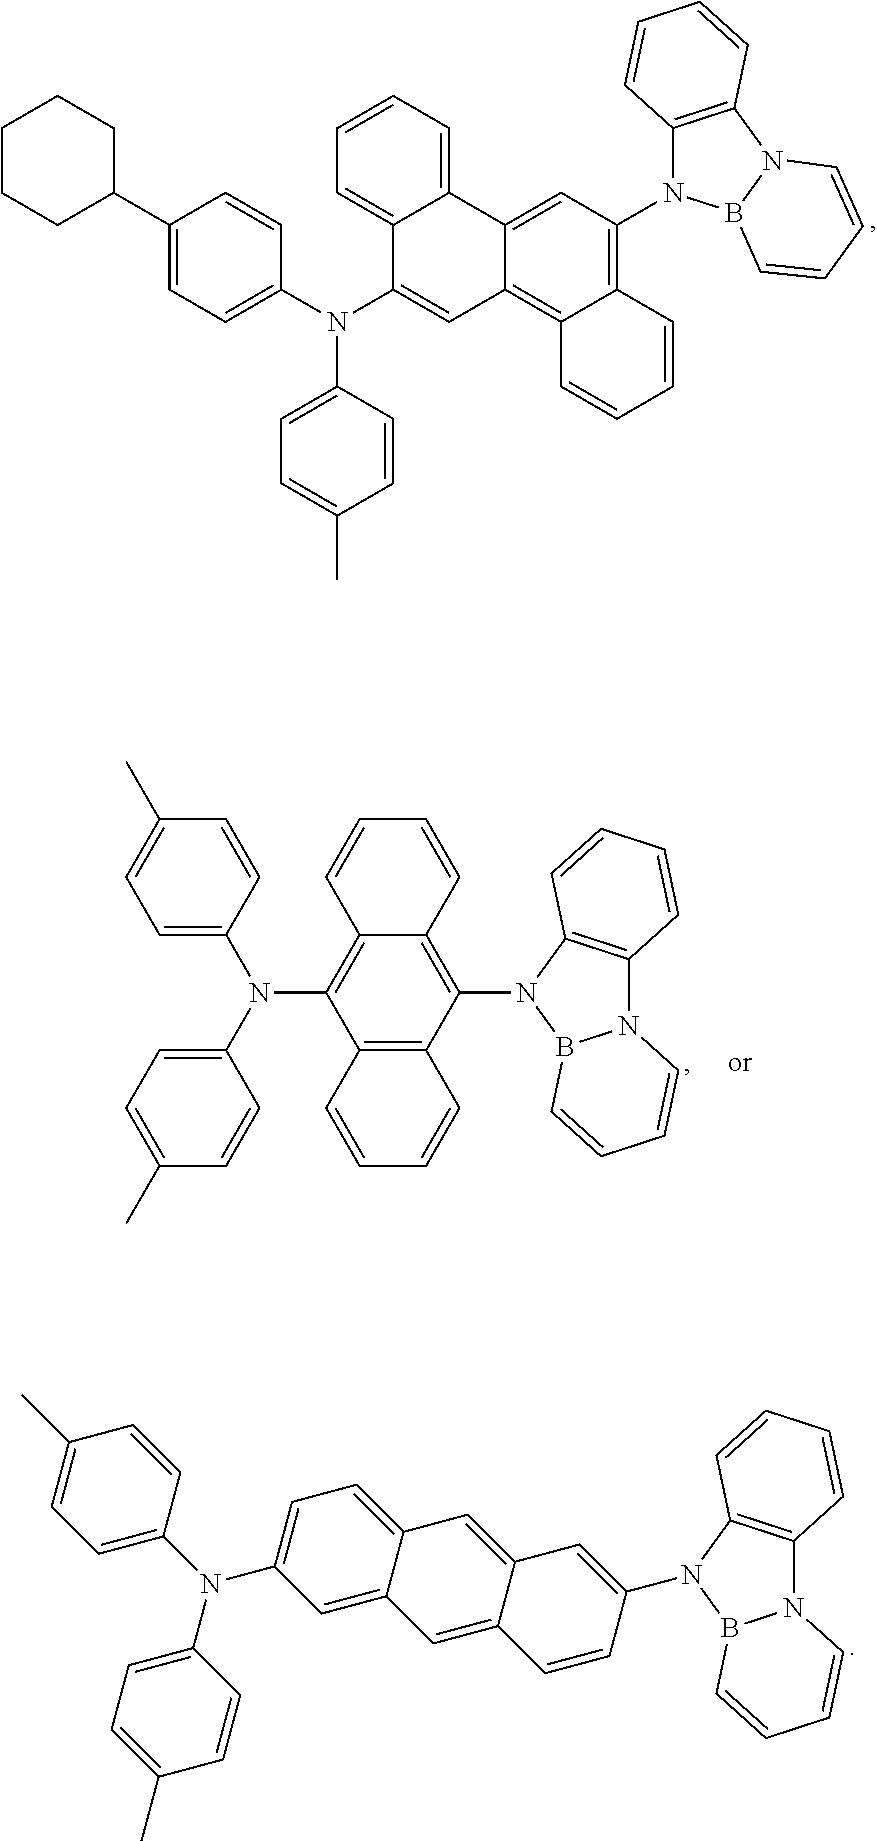 Figure US09287513-20160315-C00025